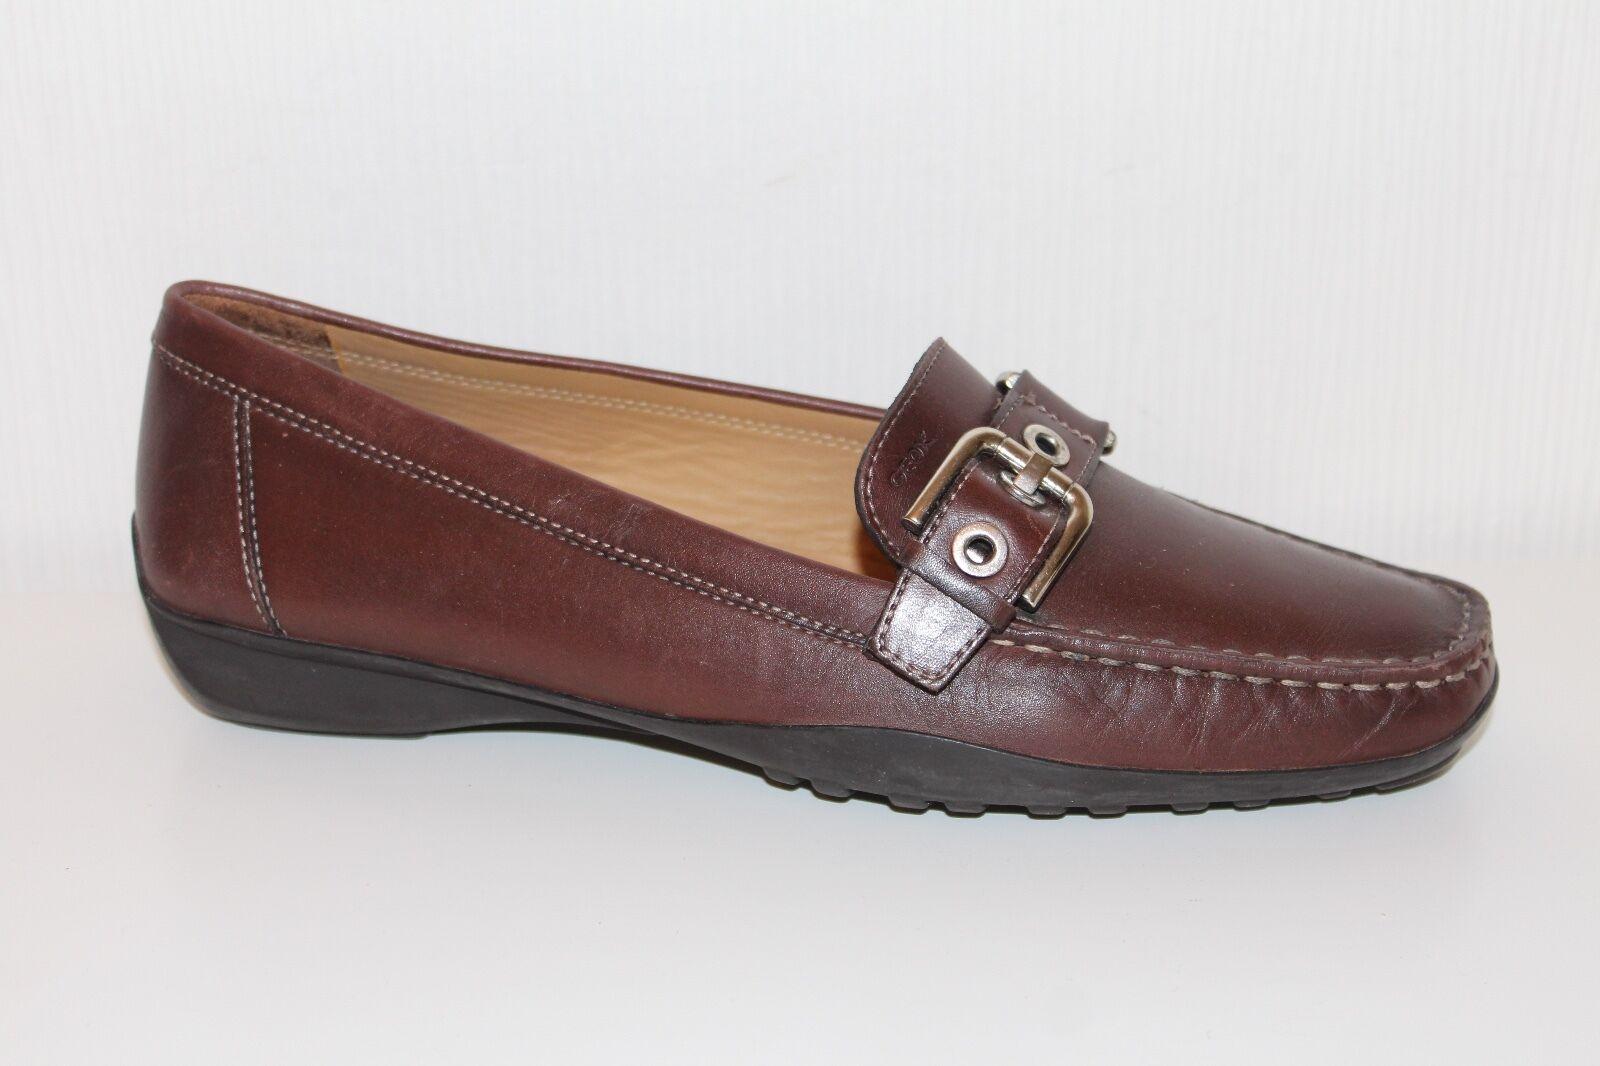 Geox Echt Leder Zapatos señora señora señora loafer Slipper tamaño 39 uk6 mocasines zapatos marrón  el más barato